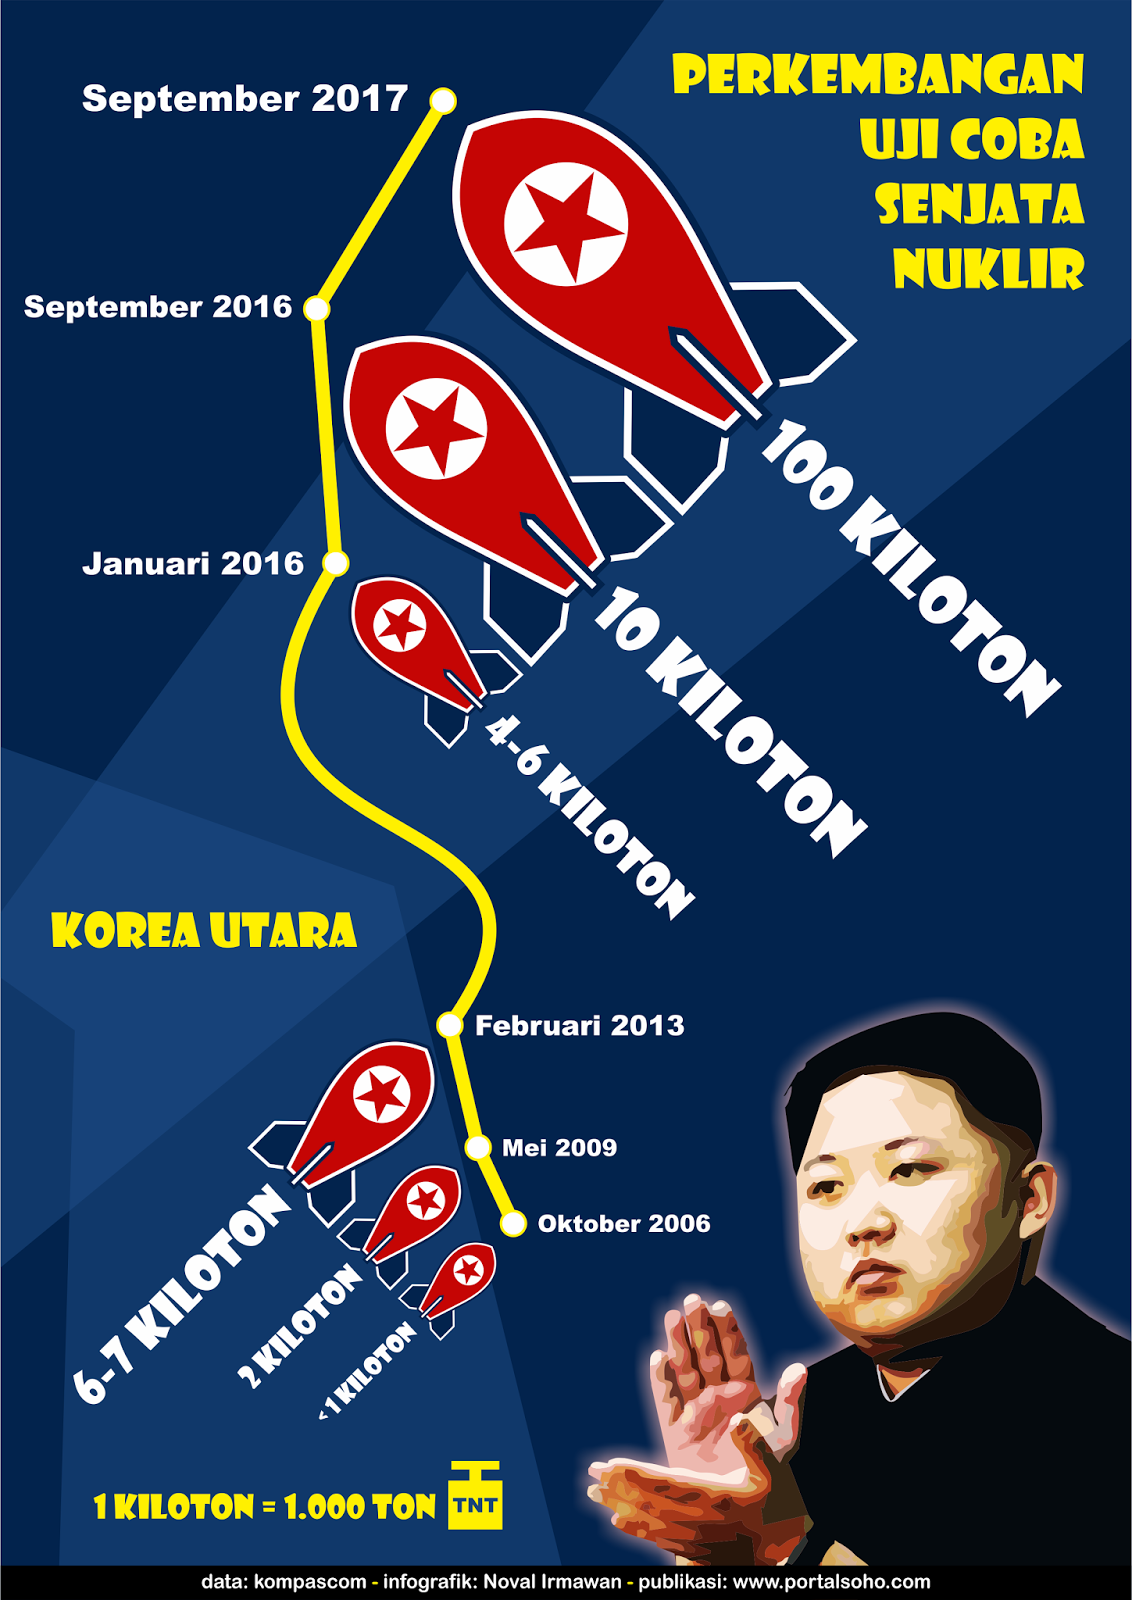 Perkembangan Uji Coba Senjata Nuklir Korea Utara Dari Waktu ke Waktu